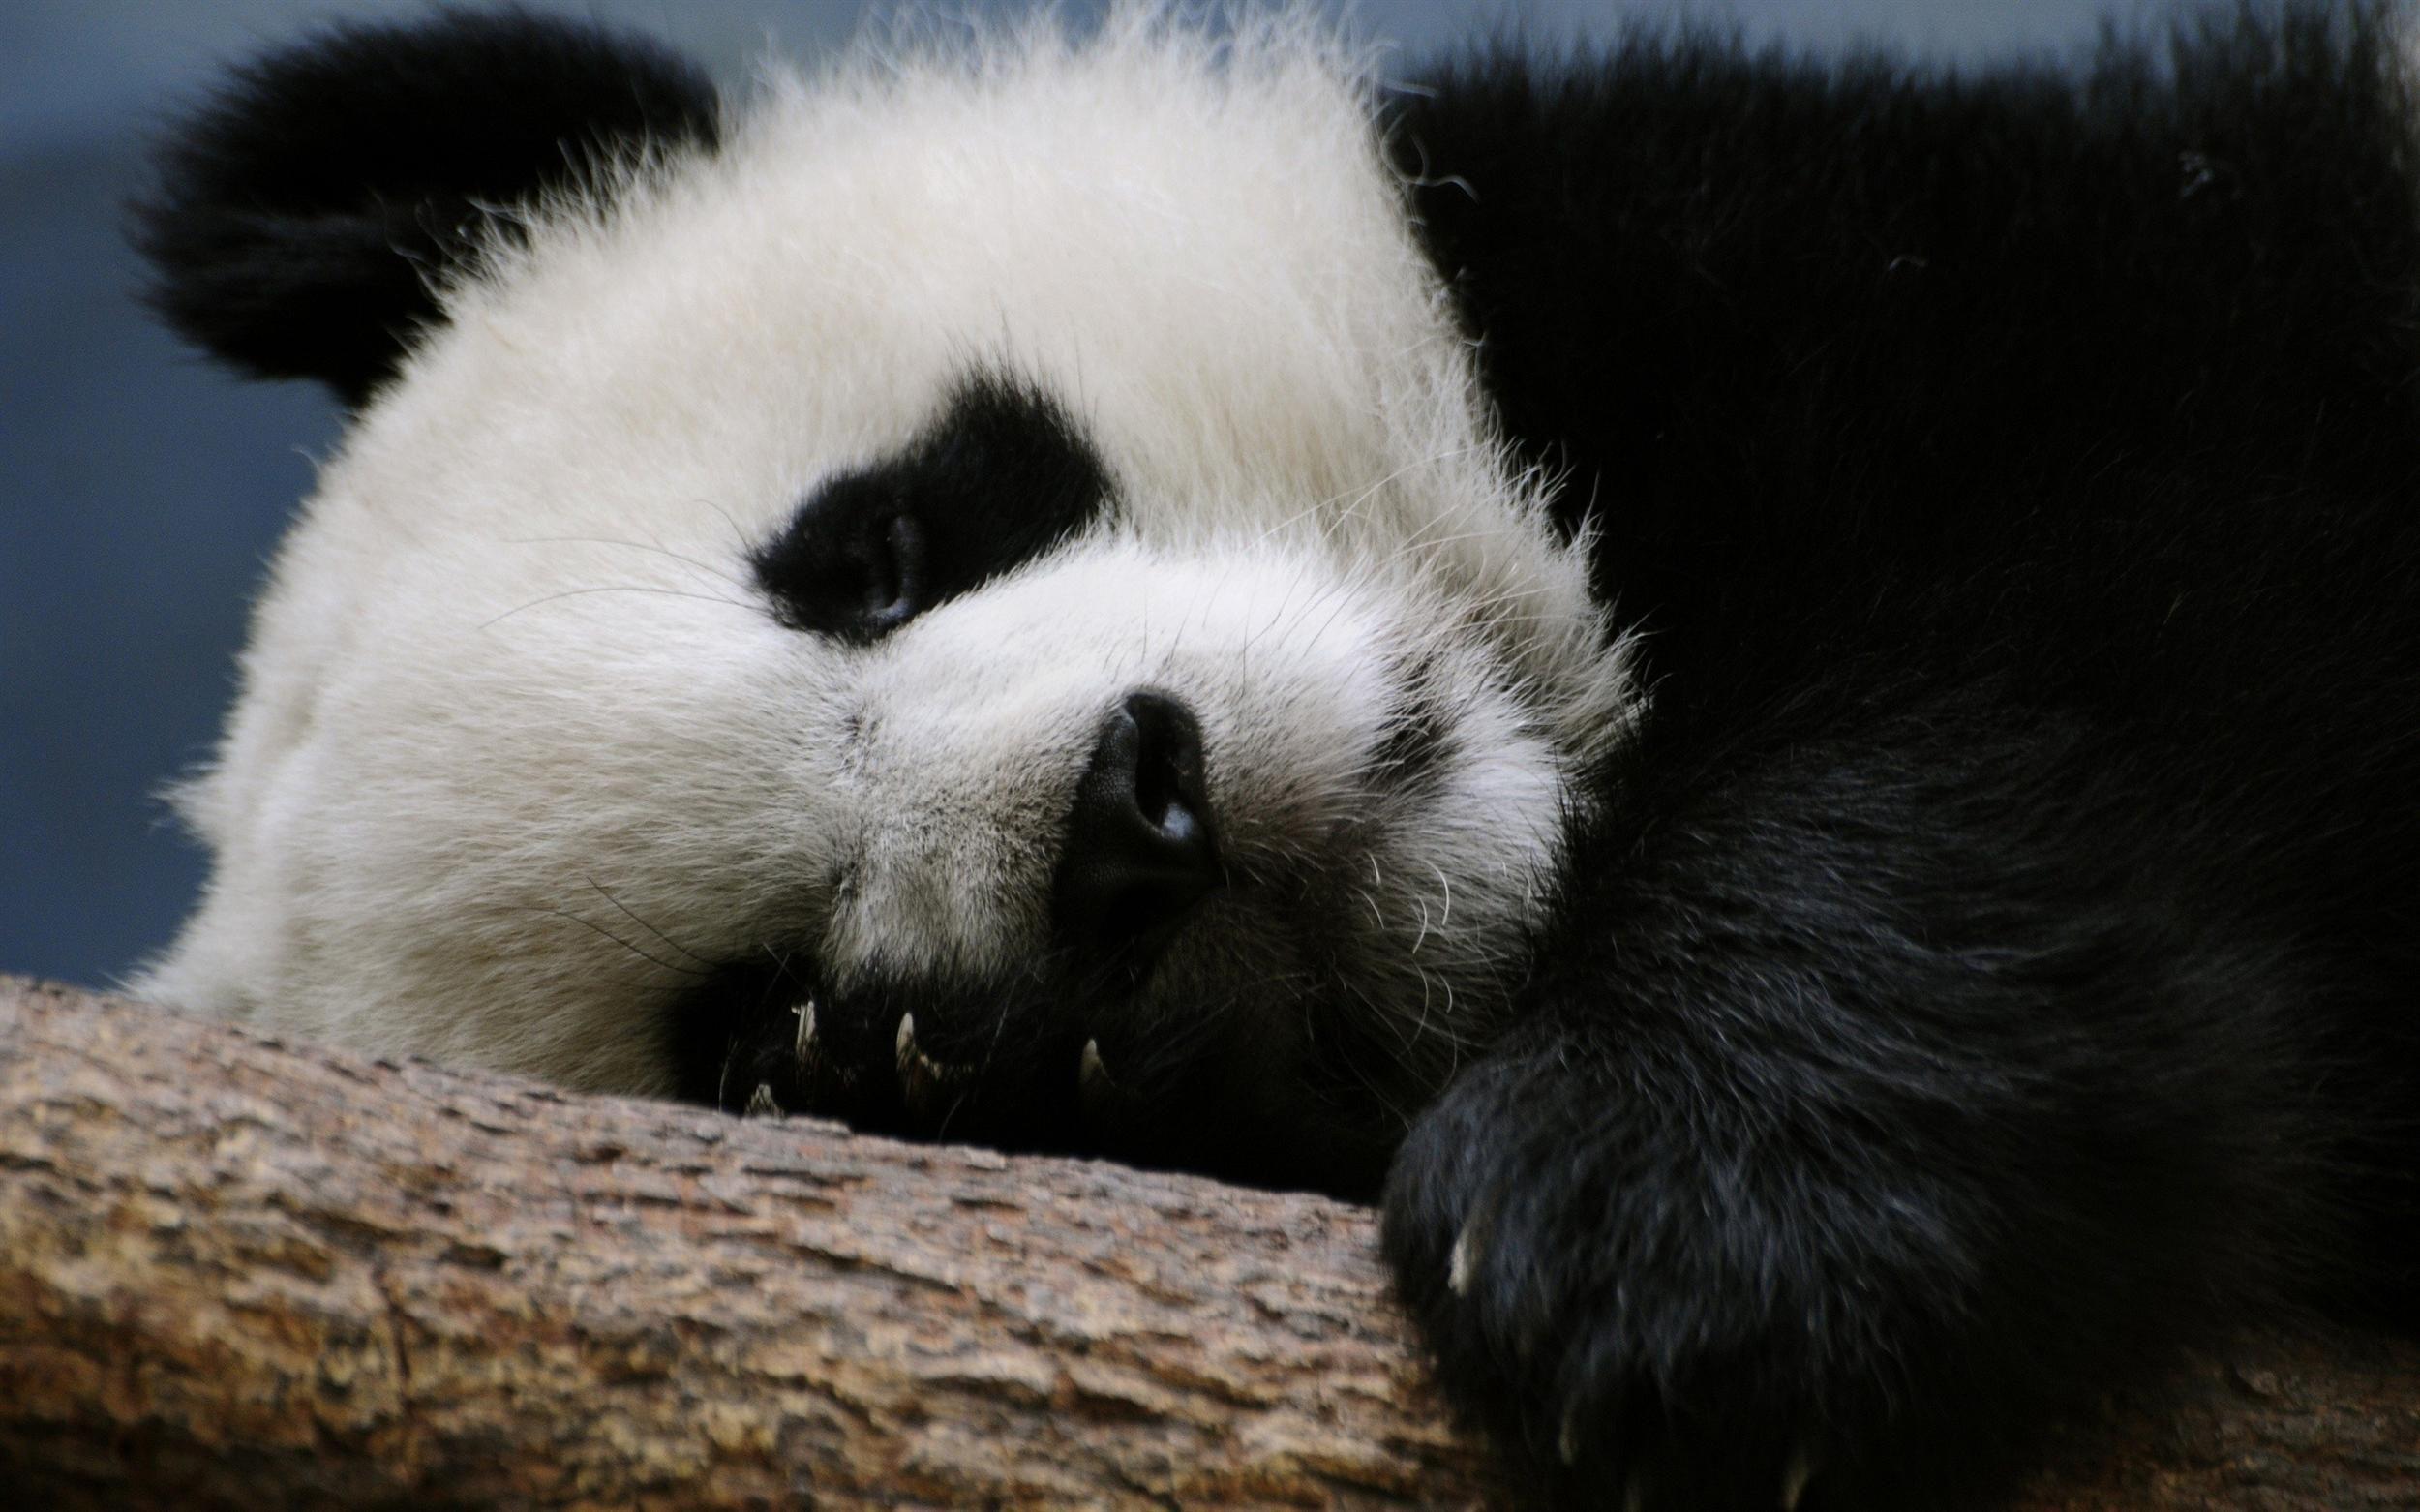 Pin By Kuro On Panda Love Panda Bear Panda Panda Wallpapers